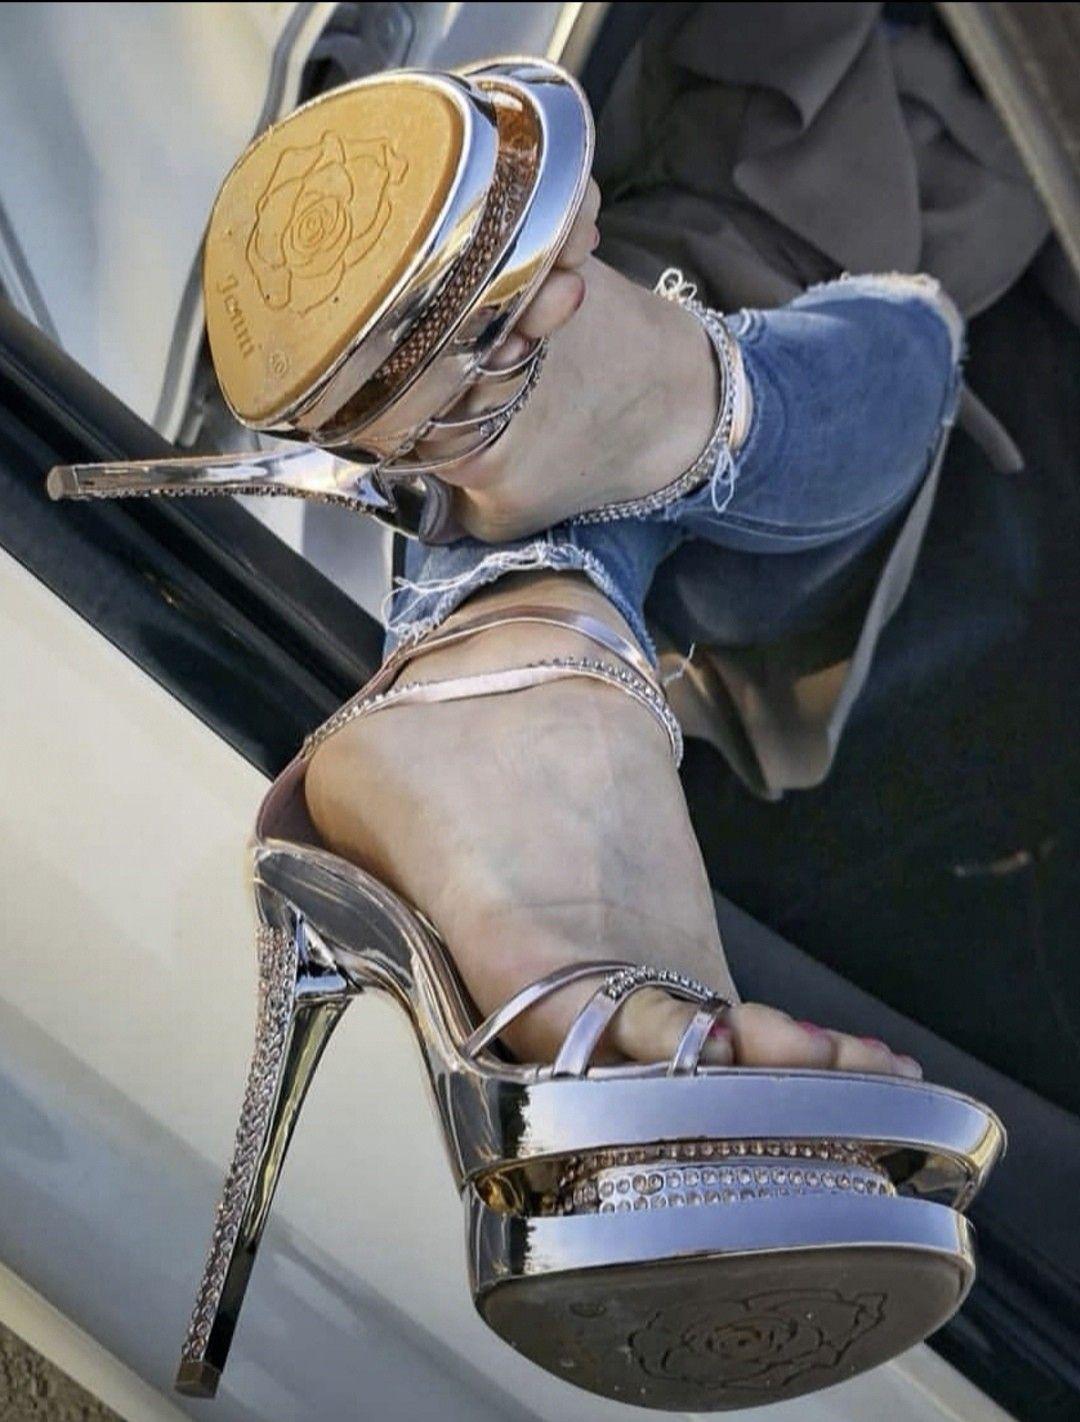 9a48ba0d3d046 Pin by Jabbar on High heels fav in 2019